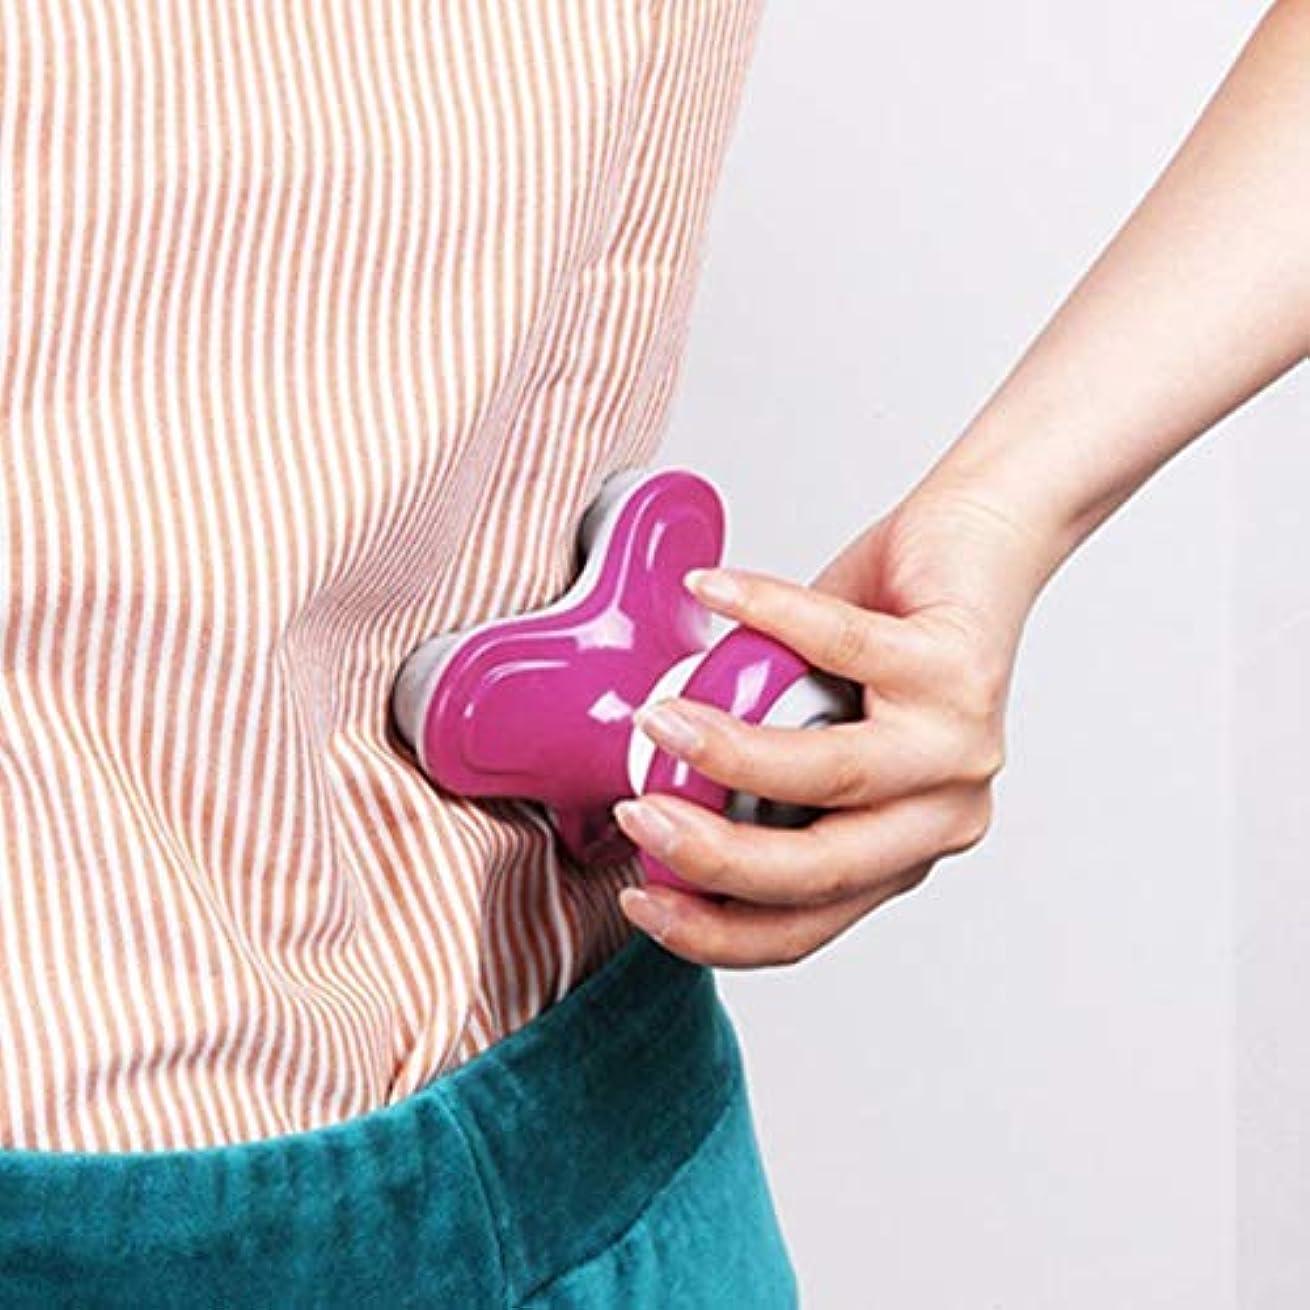 忍耐ファンタジー化粧高品質高品質ミニusb/電池式の処理された電波振動腕足フルボディマッサージャーホットスリミング